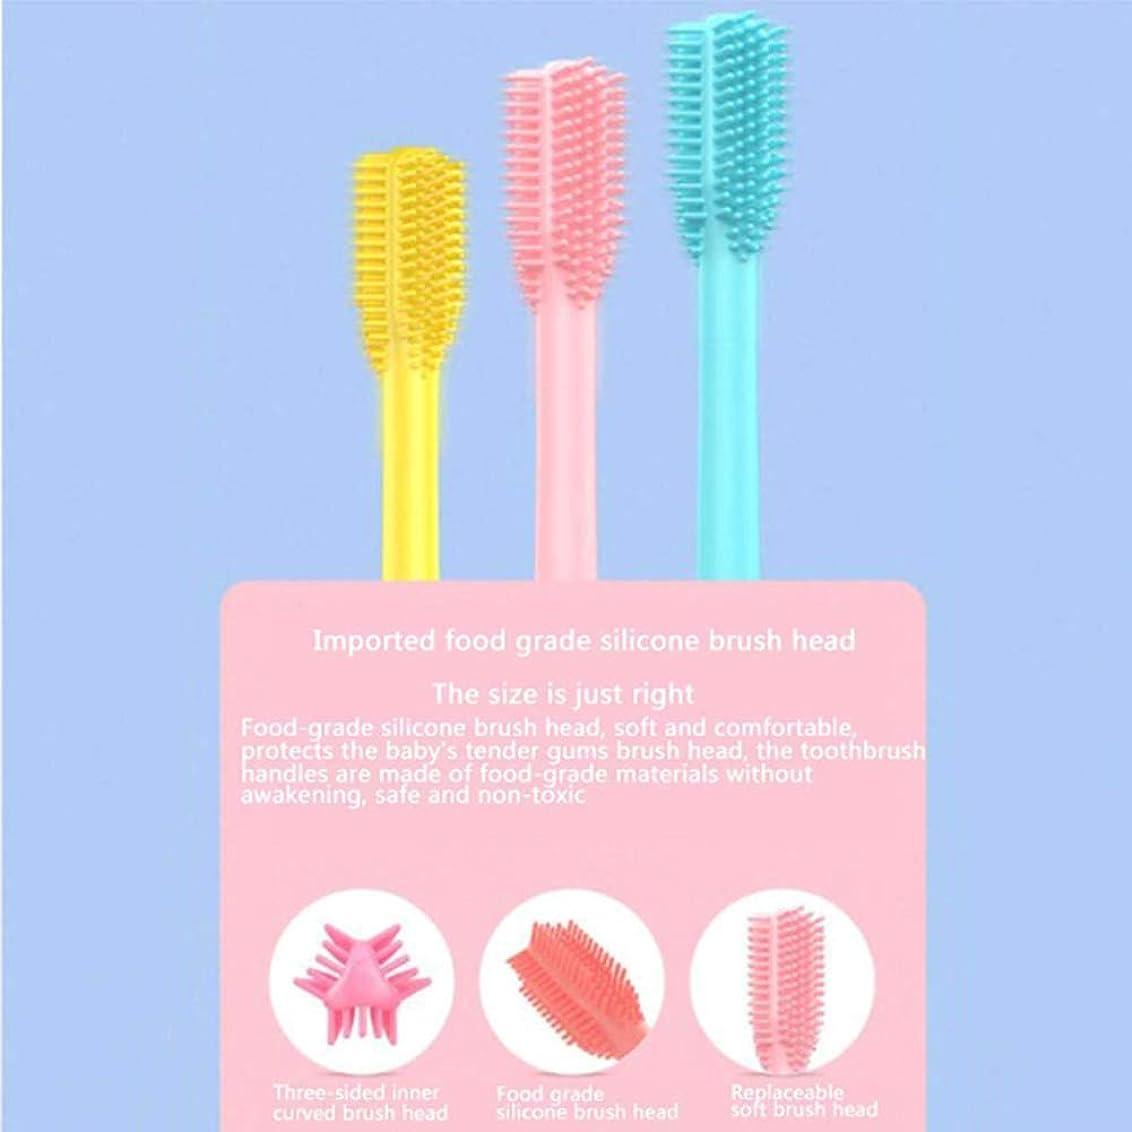 接続されたピンク横子供用充電式電動歯ブラシ、透明カップ付きシリコーン電動歯ブラシ、ワイヤレス充電、安全な食品グレードのシリコーンヘッド,Pink